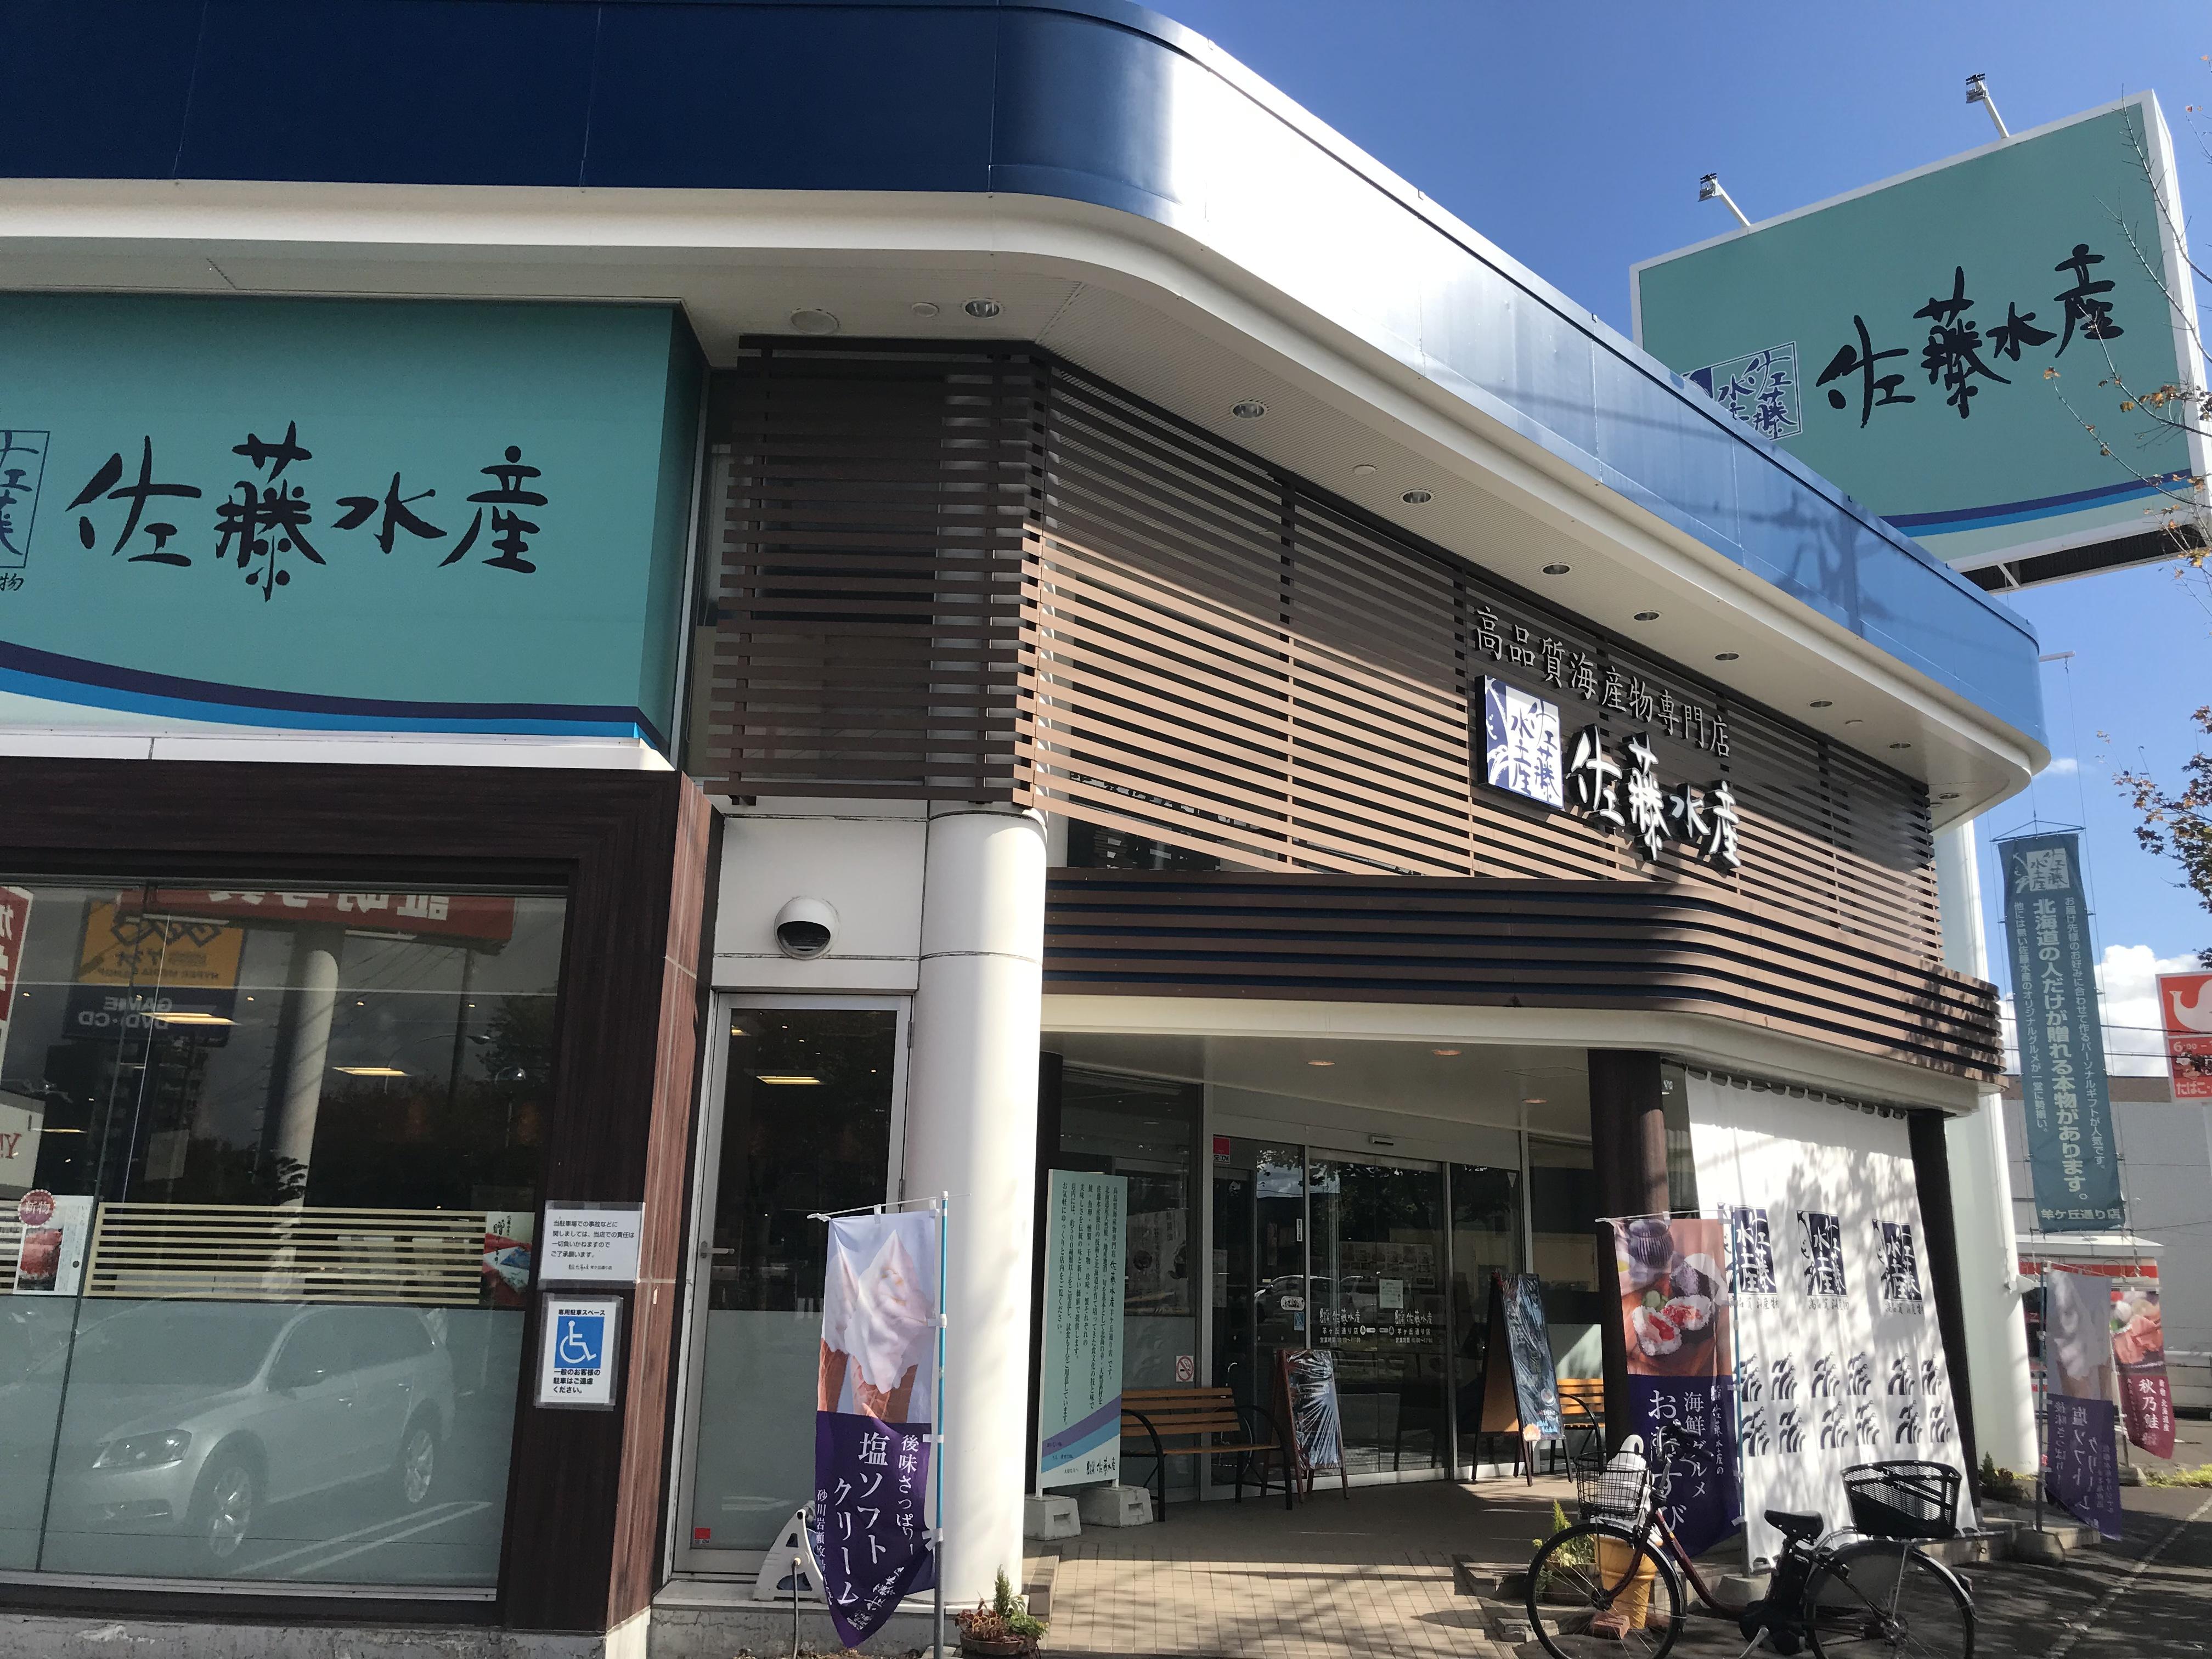 佐藤水産 羊ヶ丘通り店の外観